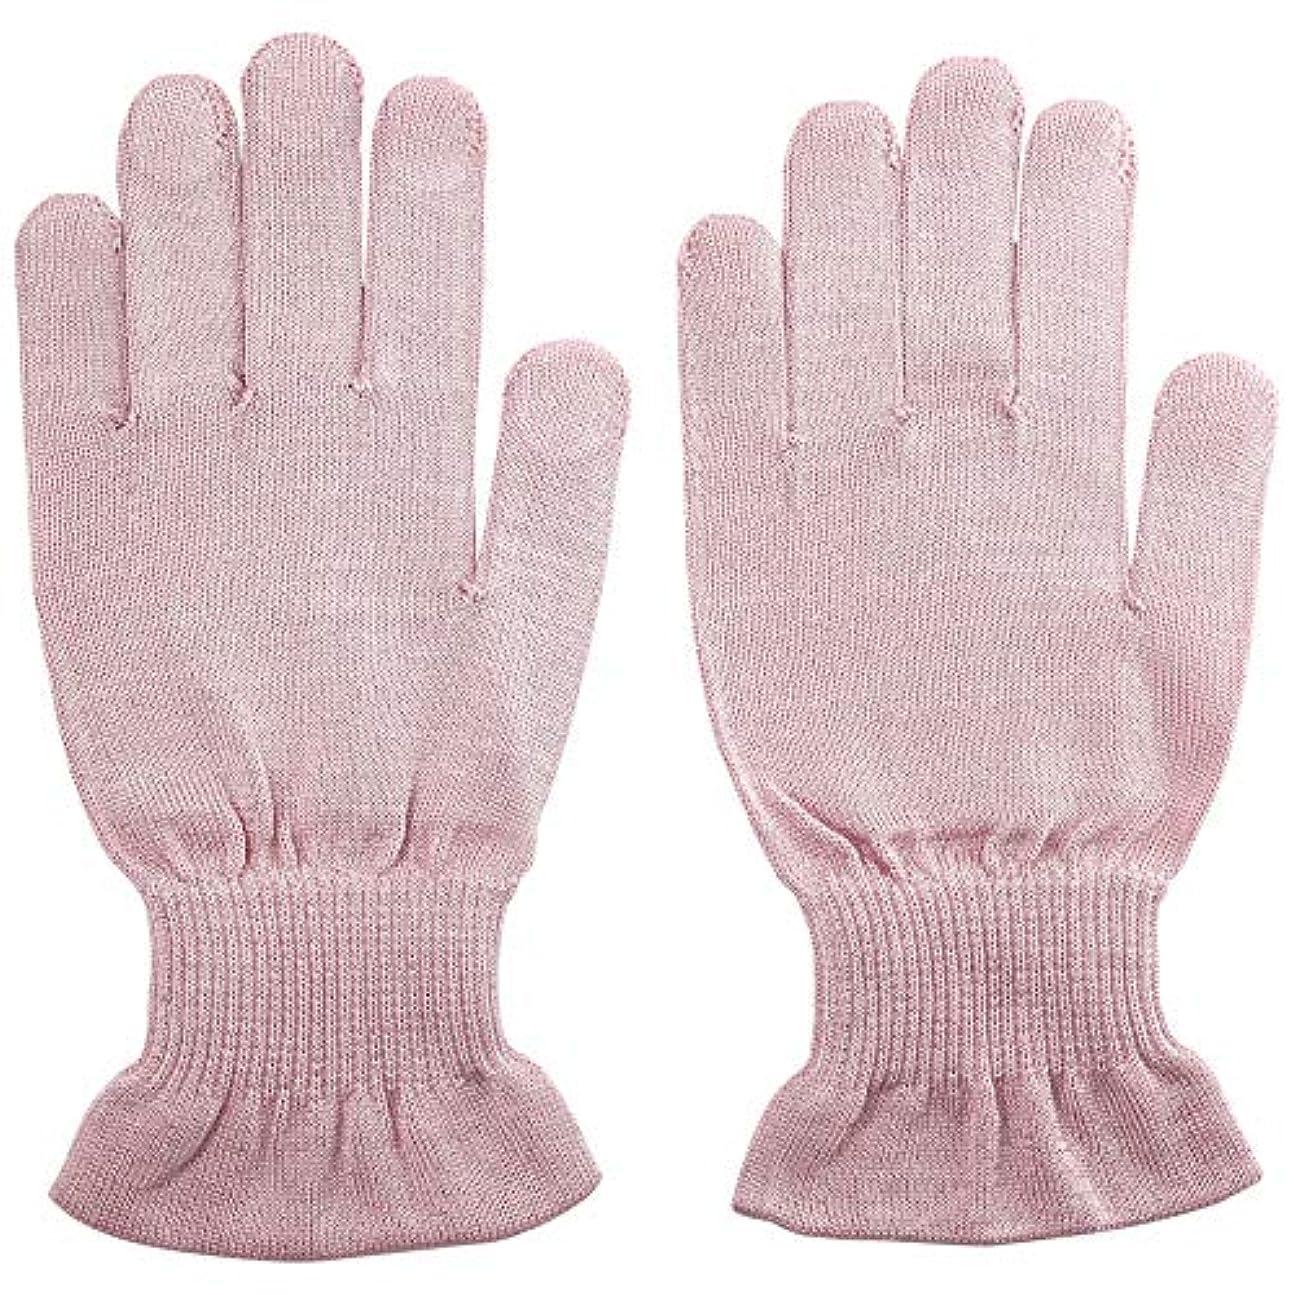 心臓寛大さ器用温むすび ハンドケア手袋 【手のひら美人 女性用 M~Lサイズ】 ペールピンク